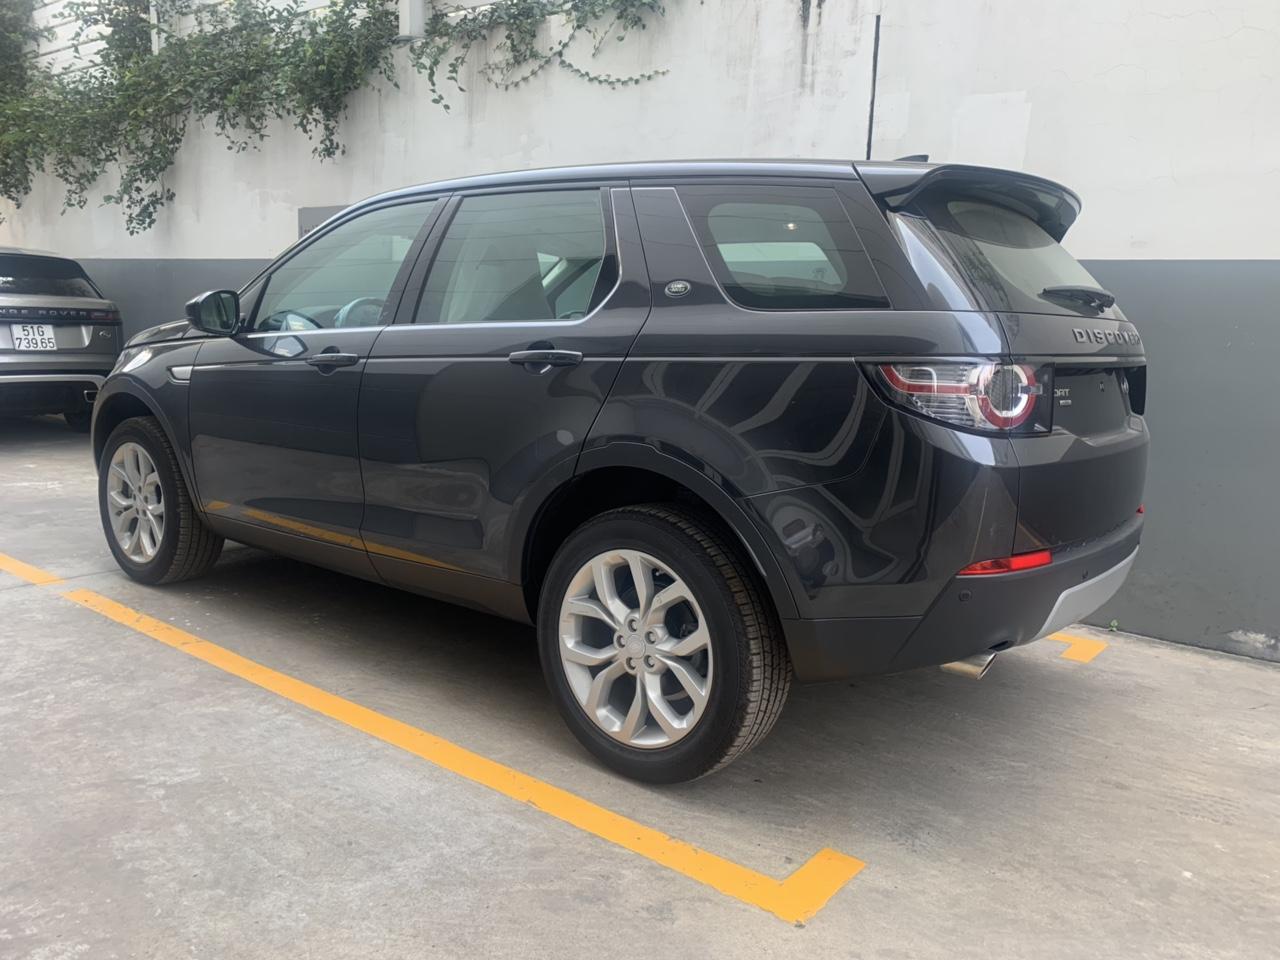 Màu xam. Xe Land Rover 7 Chỗ Discovery SPort HSE Đời Mới Nhất 2019 Bao Nhiêu Tiền, Xe 7 Chỗ Discovery SPort HSE Luxury Màu Xanh Đen Đời Mới Nhất Giá rẻ nhất 3.499 triệu đồng tại việt nam